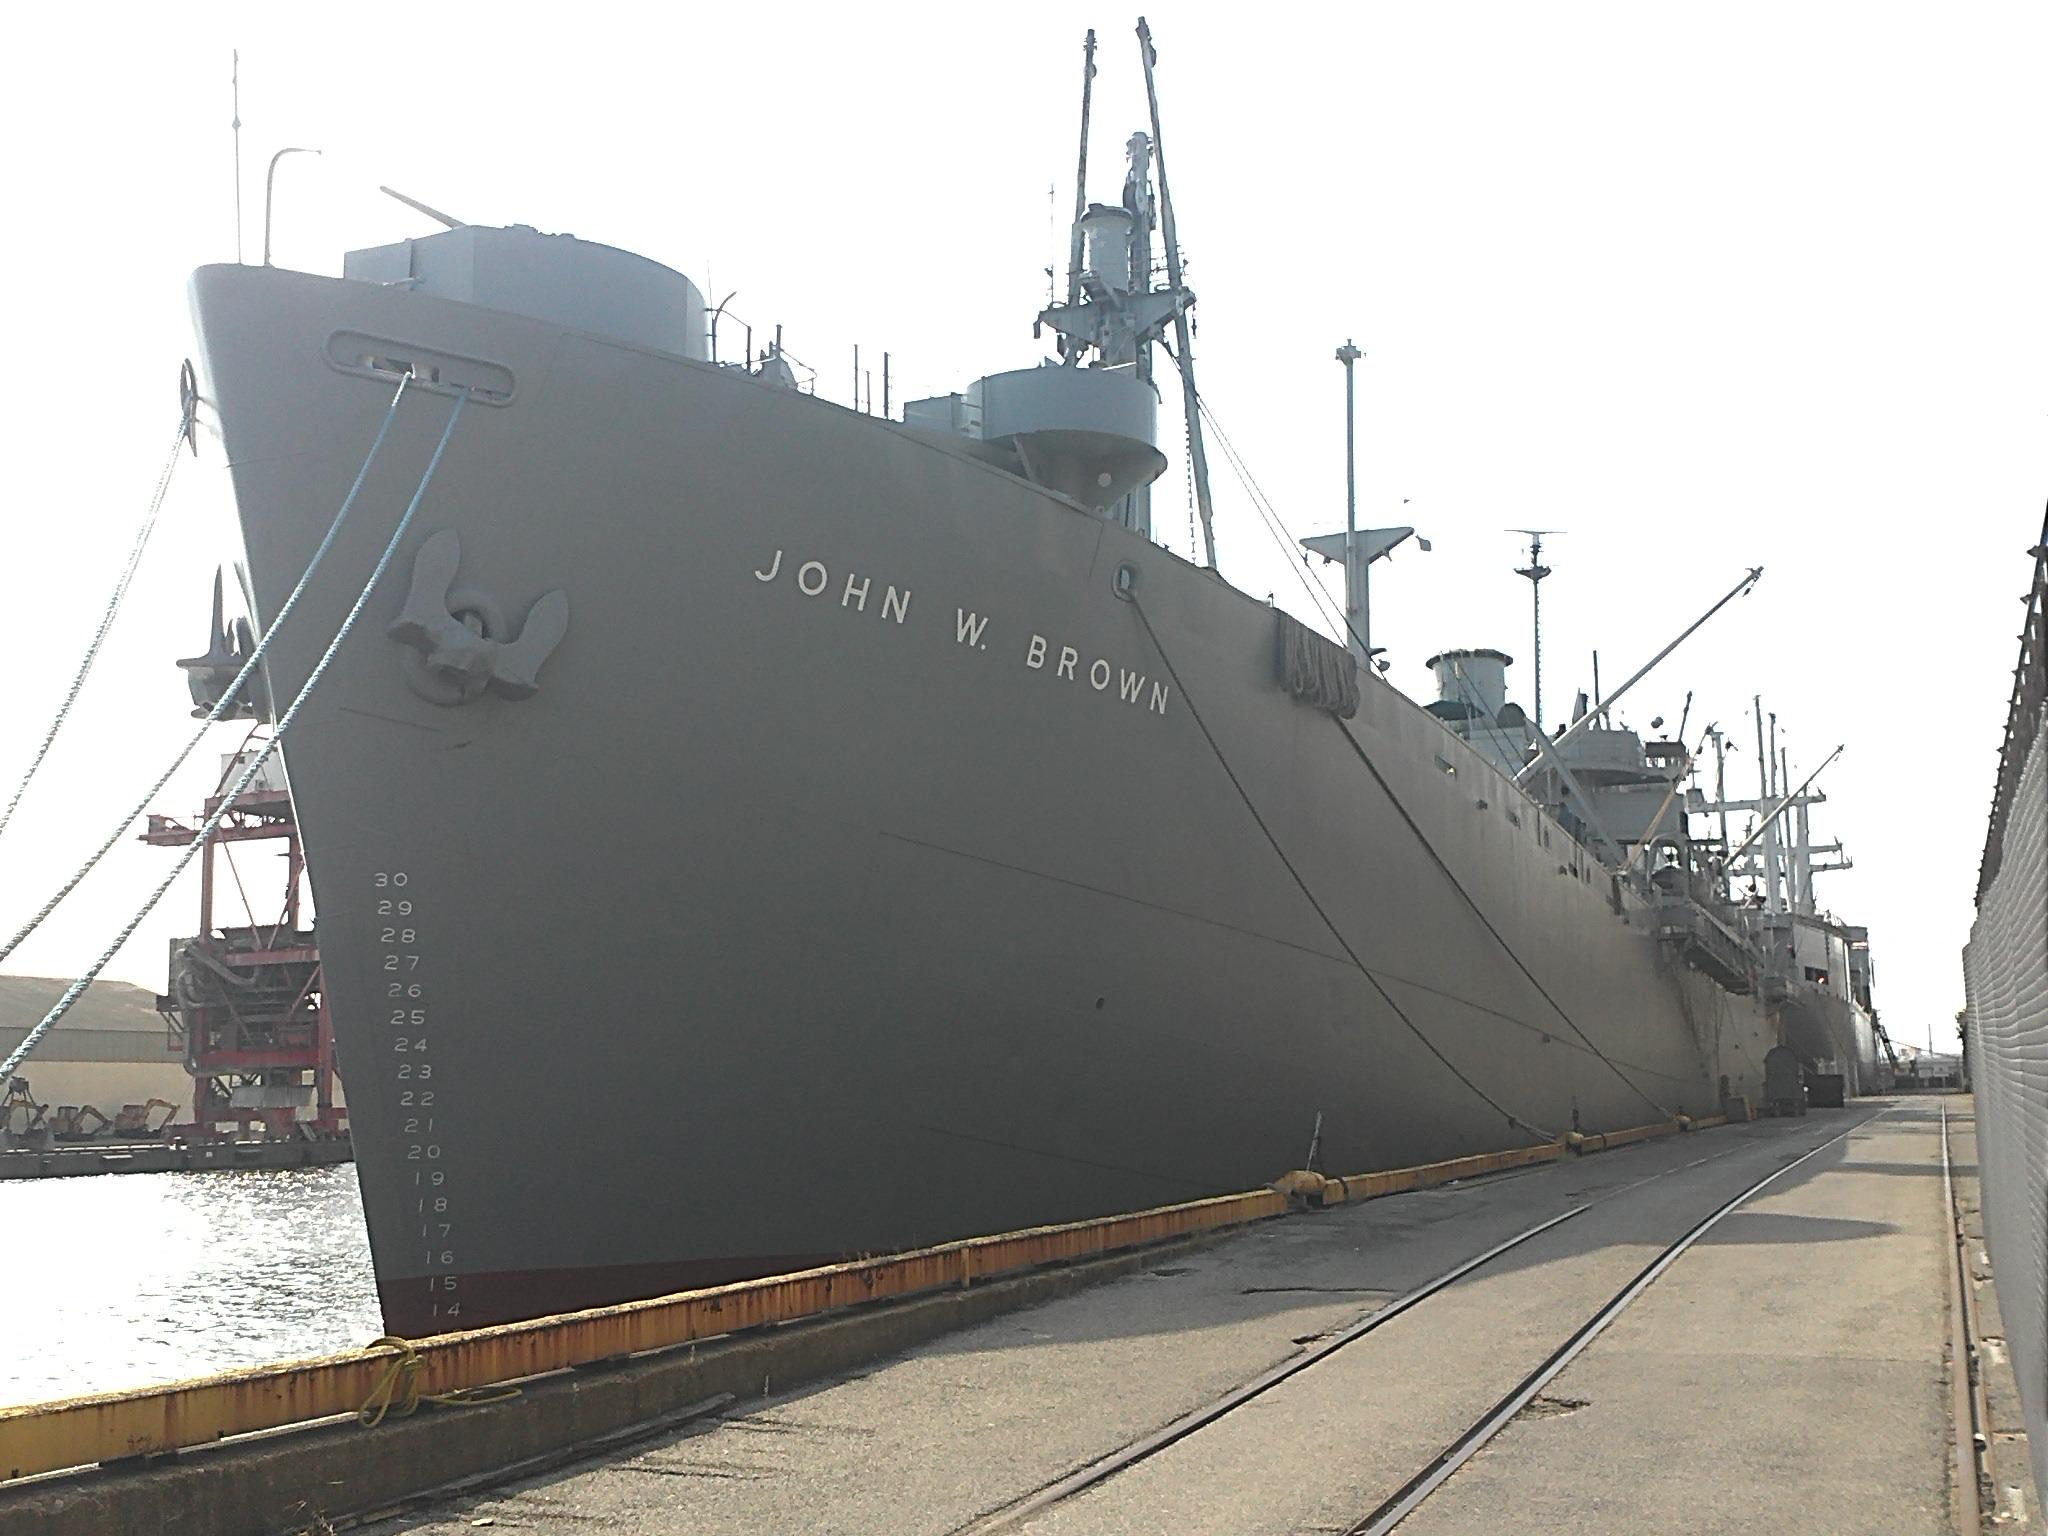 File Ss John W Brown Liberty Ship 2012 09 25 15 25 12